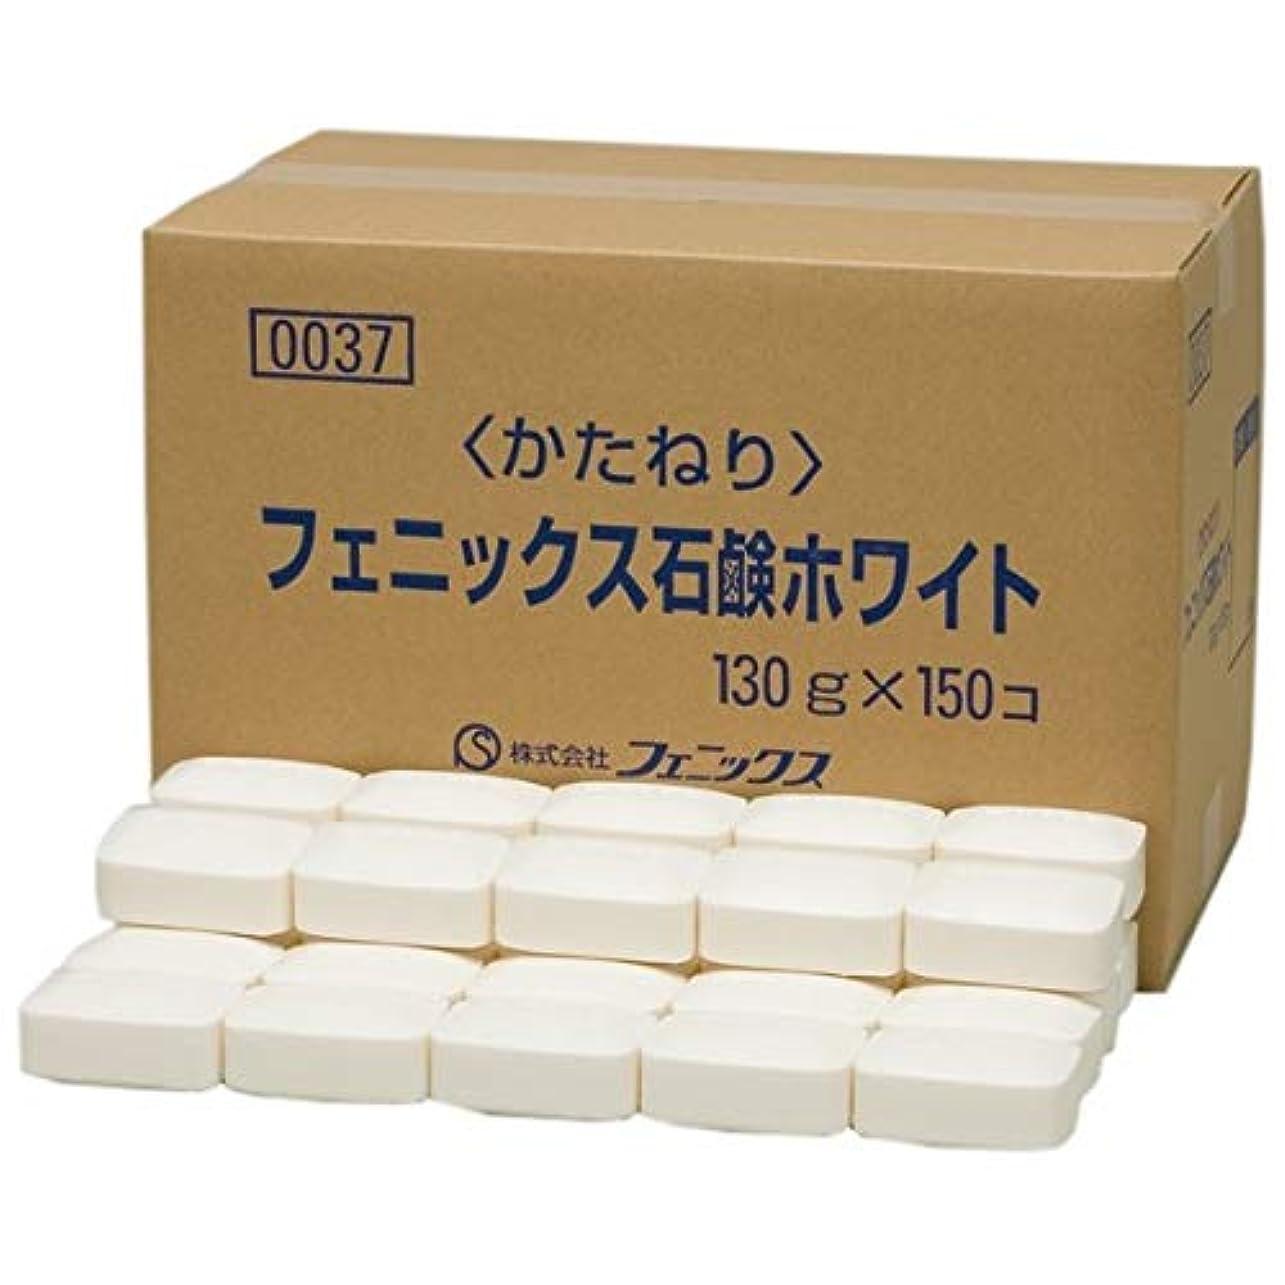 私闘争しょっぱいフェニックスホワイト石鹸 130g×150個入